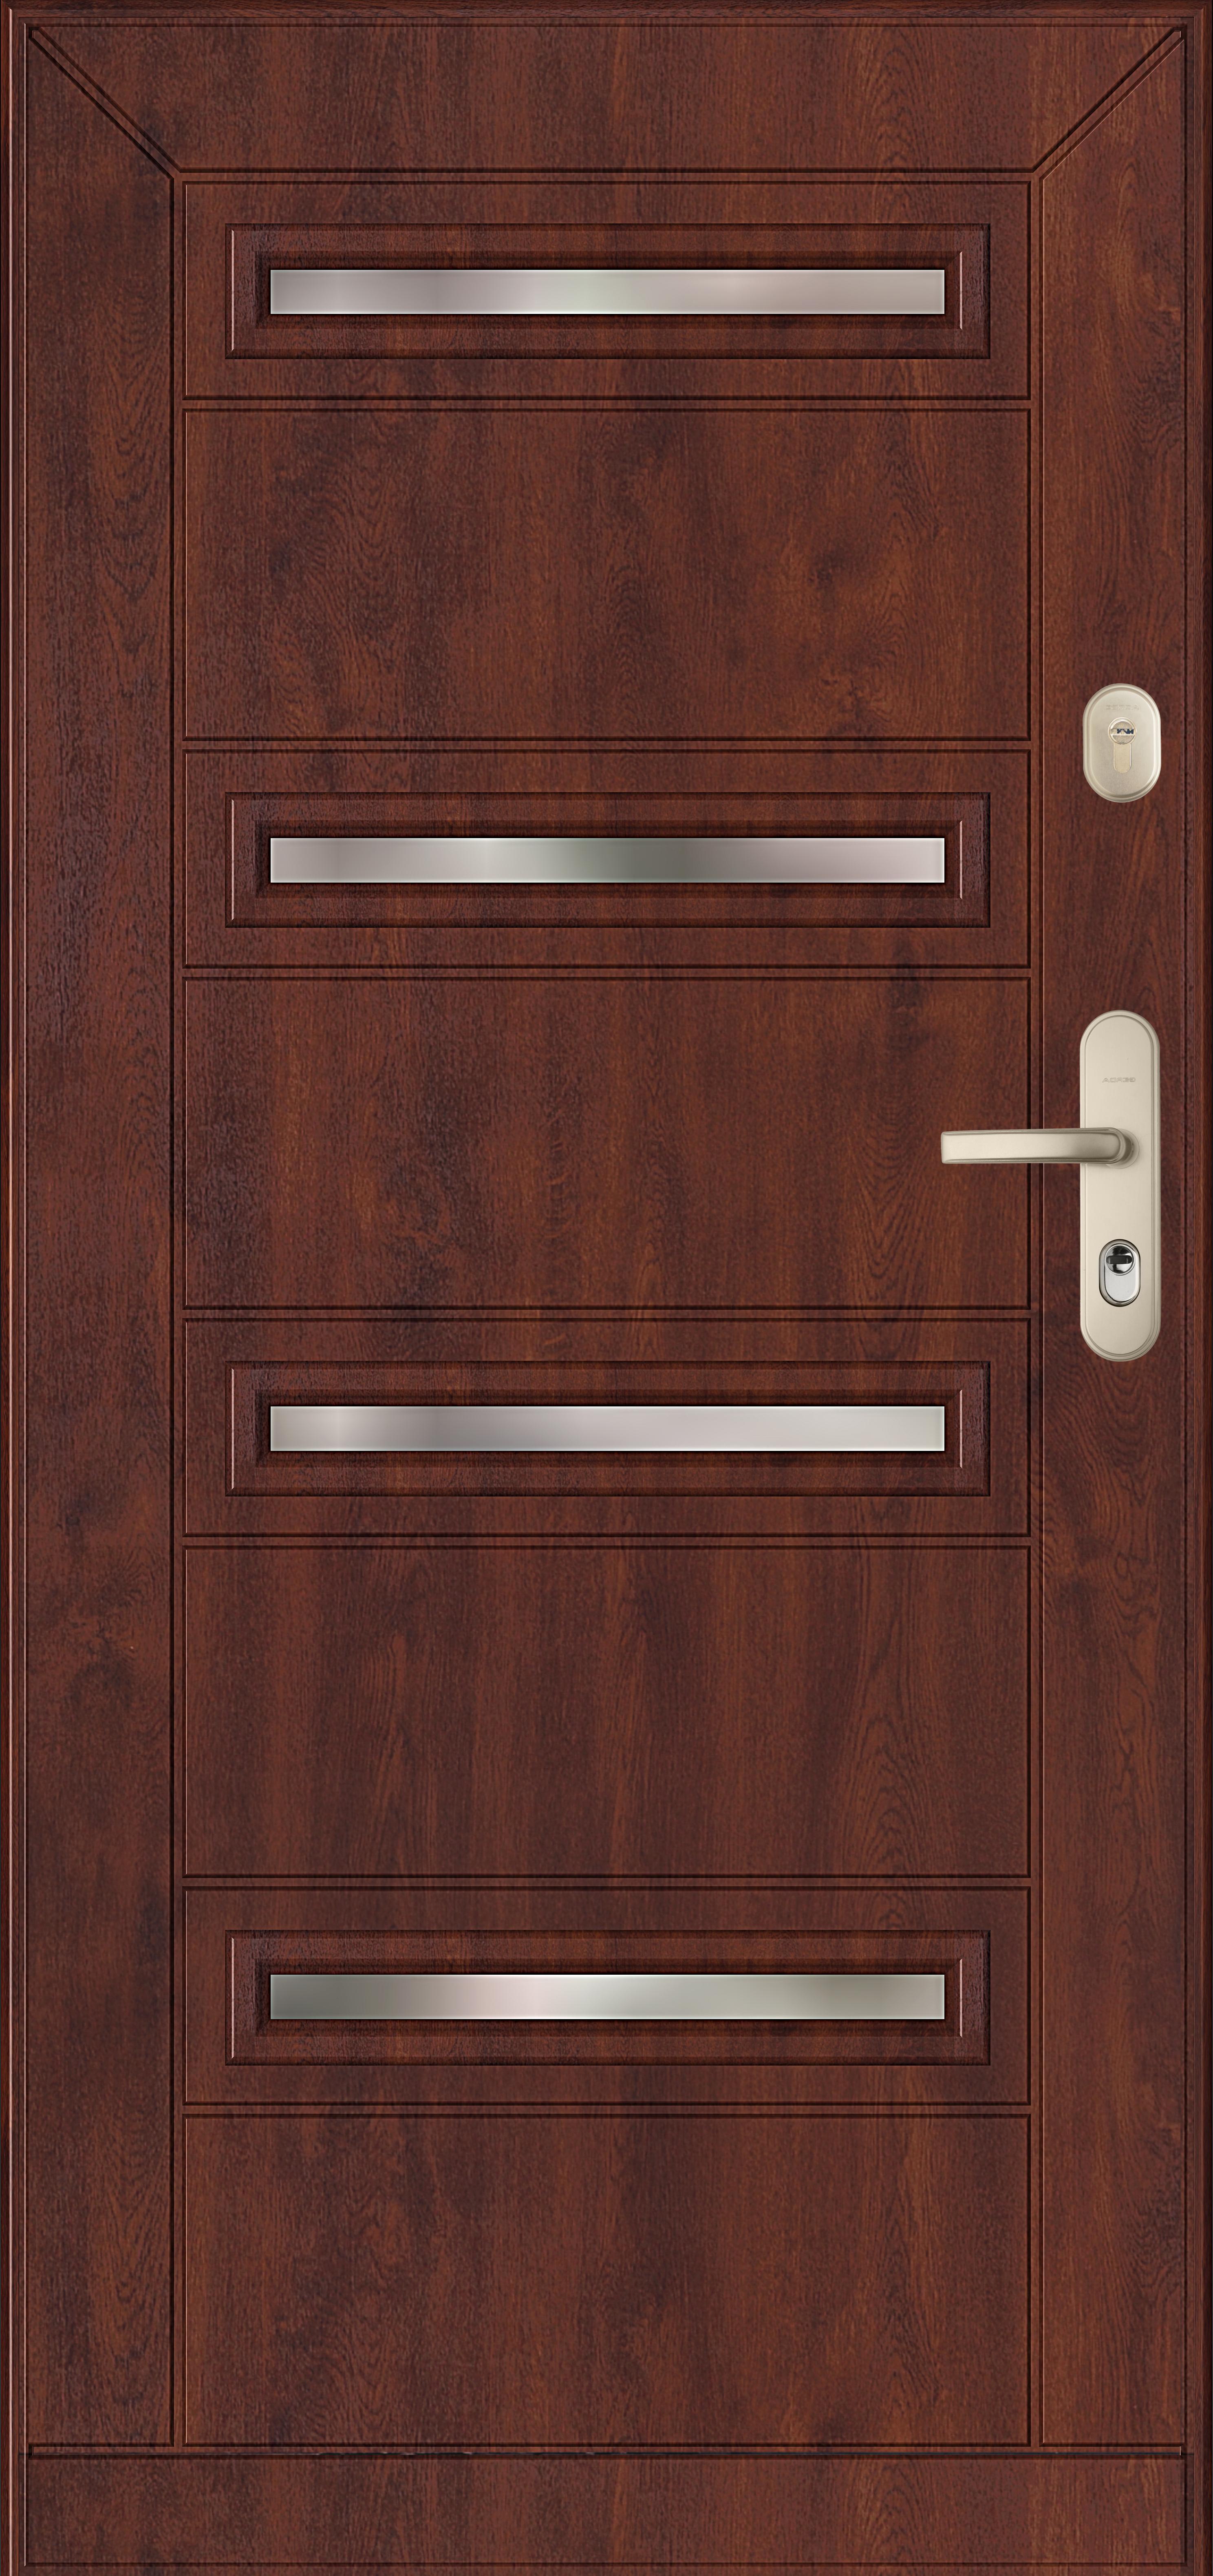 drzwi Gerda wzór SE4 GRANADA, drzwi przeszklone antywłamaniowe- 4 poziome szybki